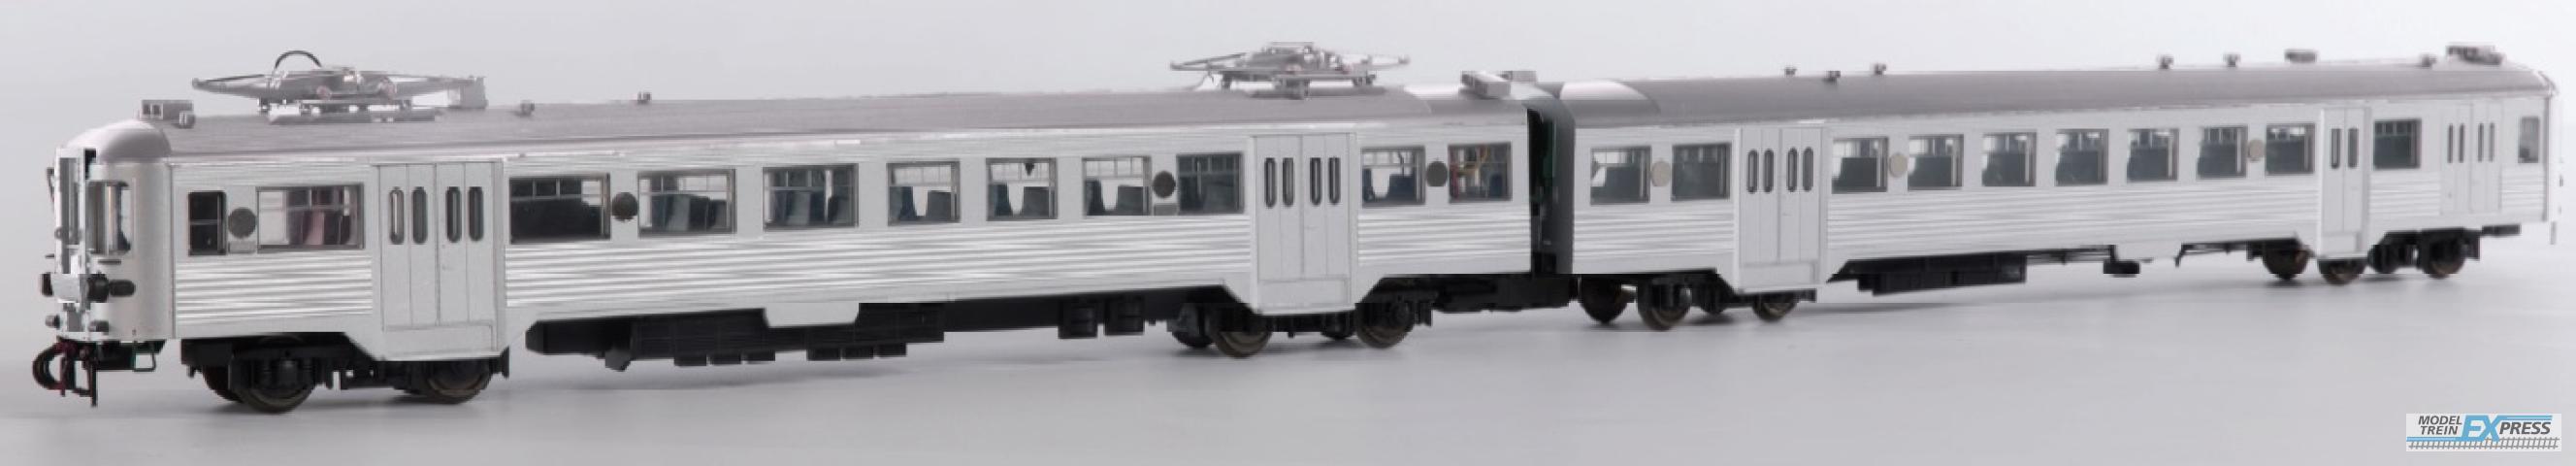 B-Models 7101.05